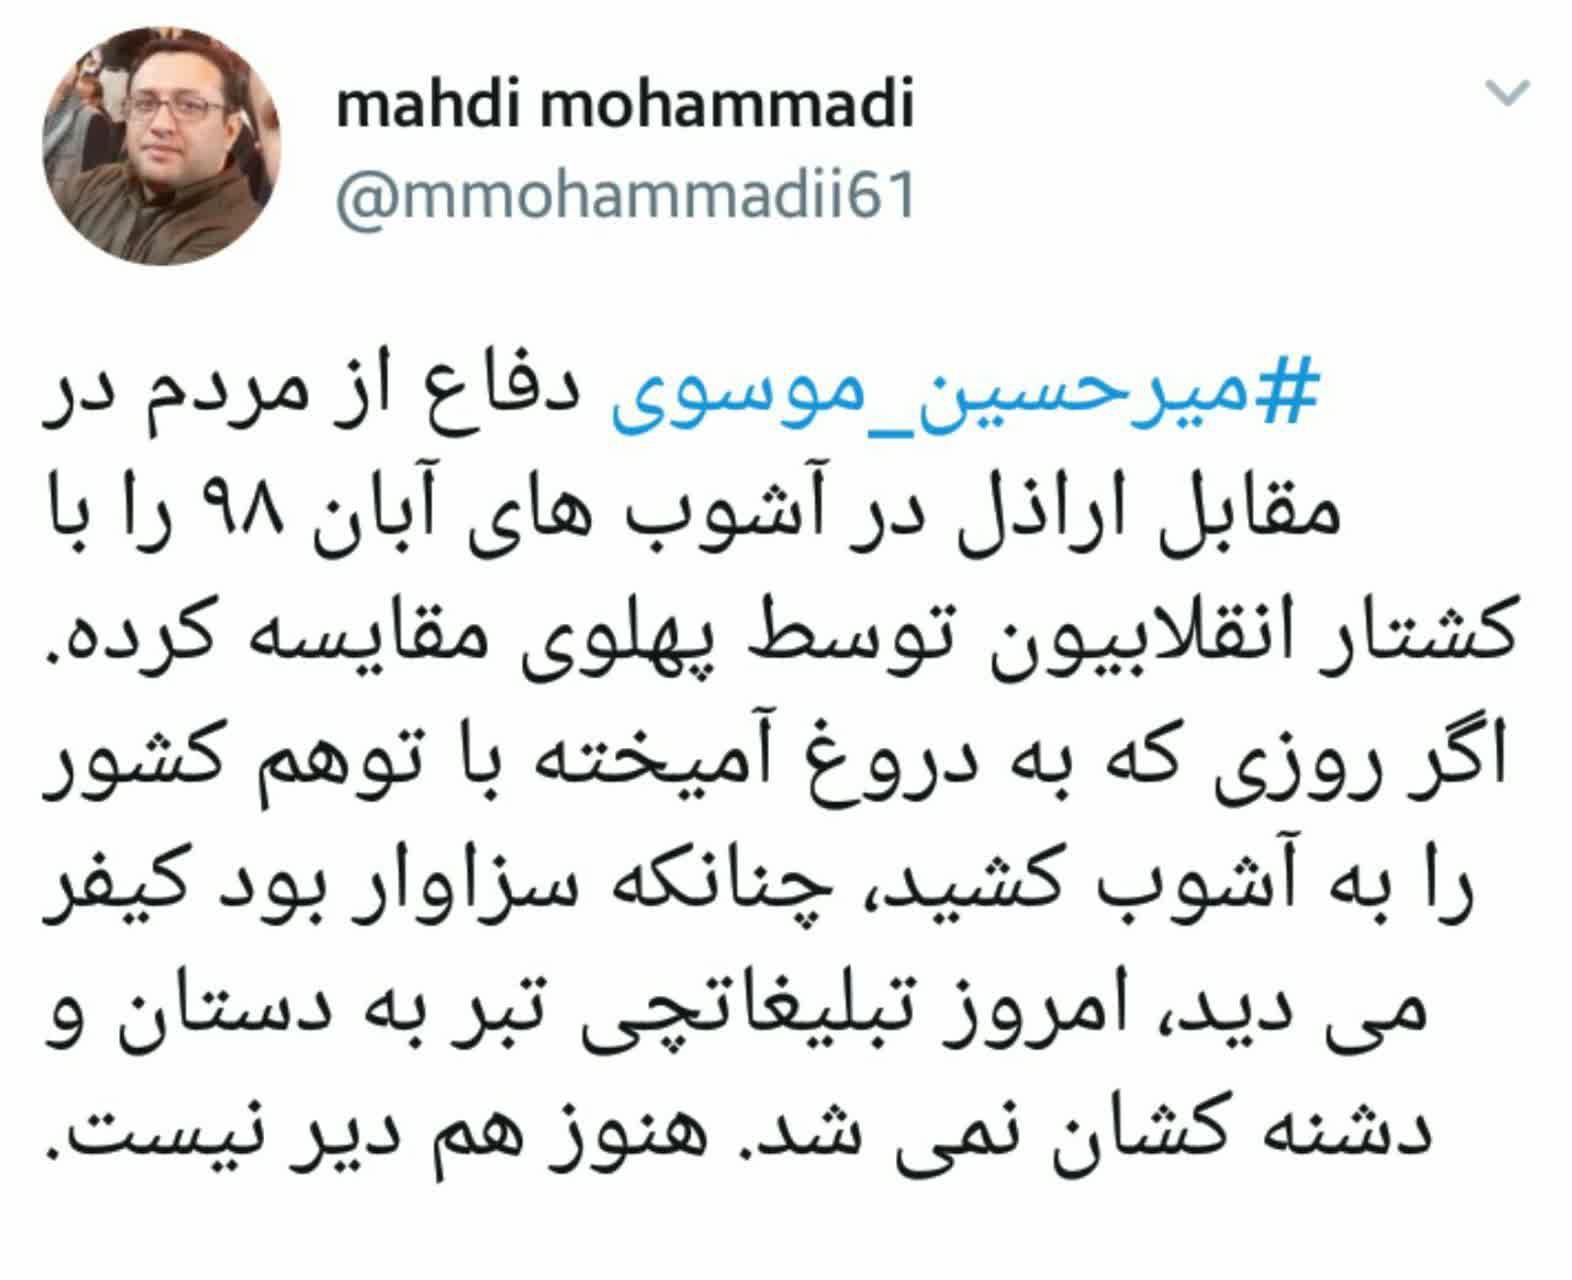 برای مجازات میرحسین دیر نیست